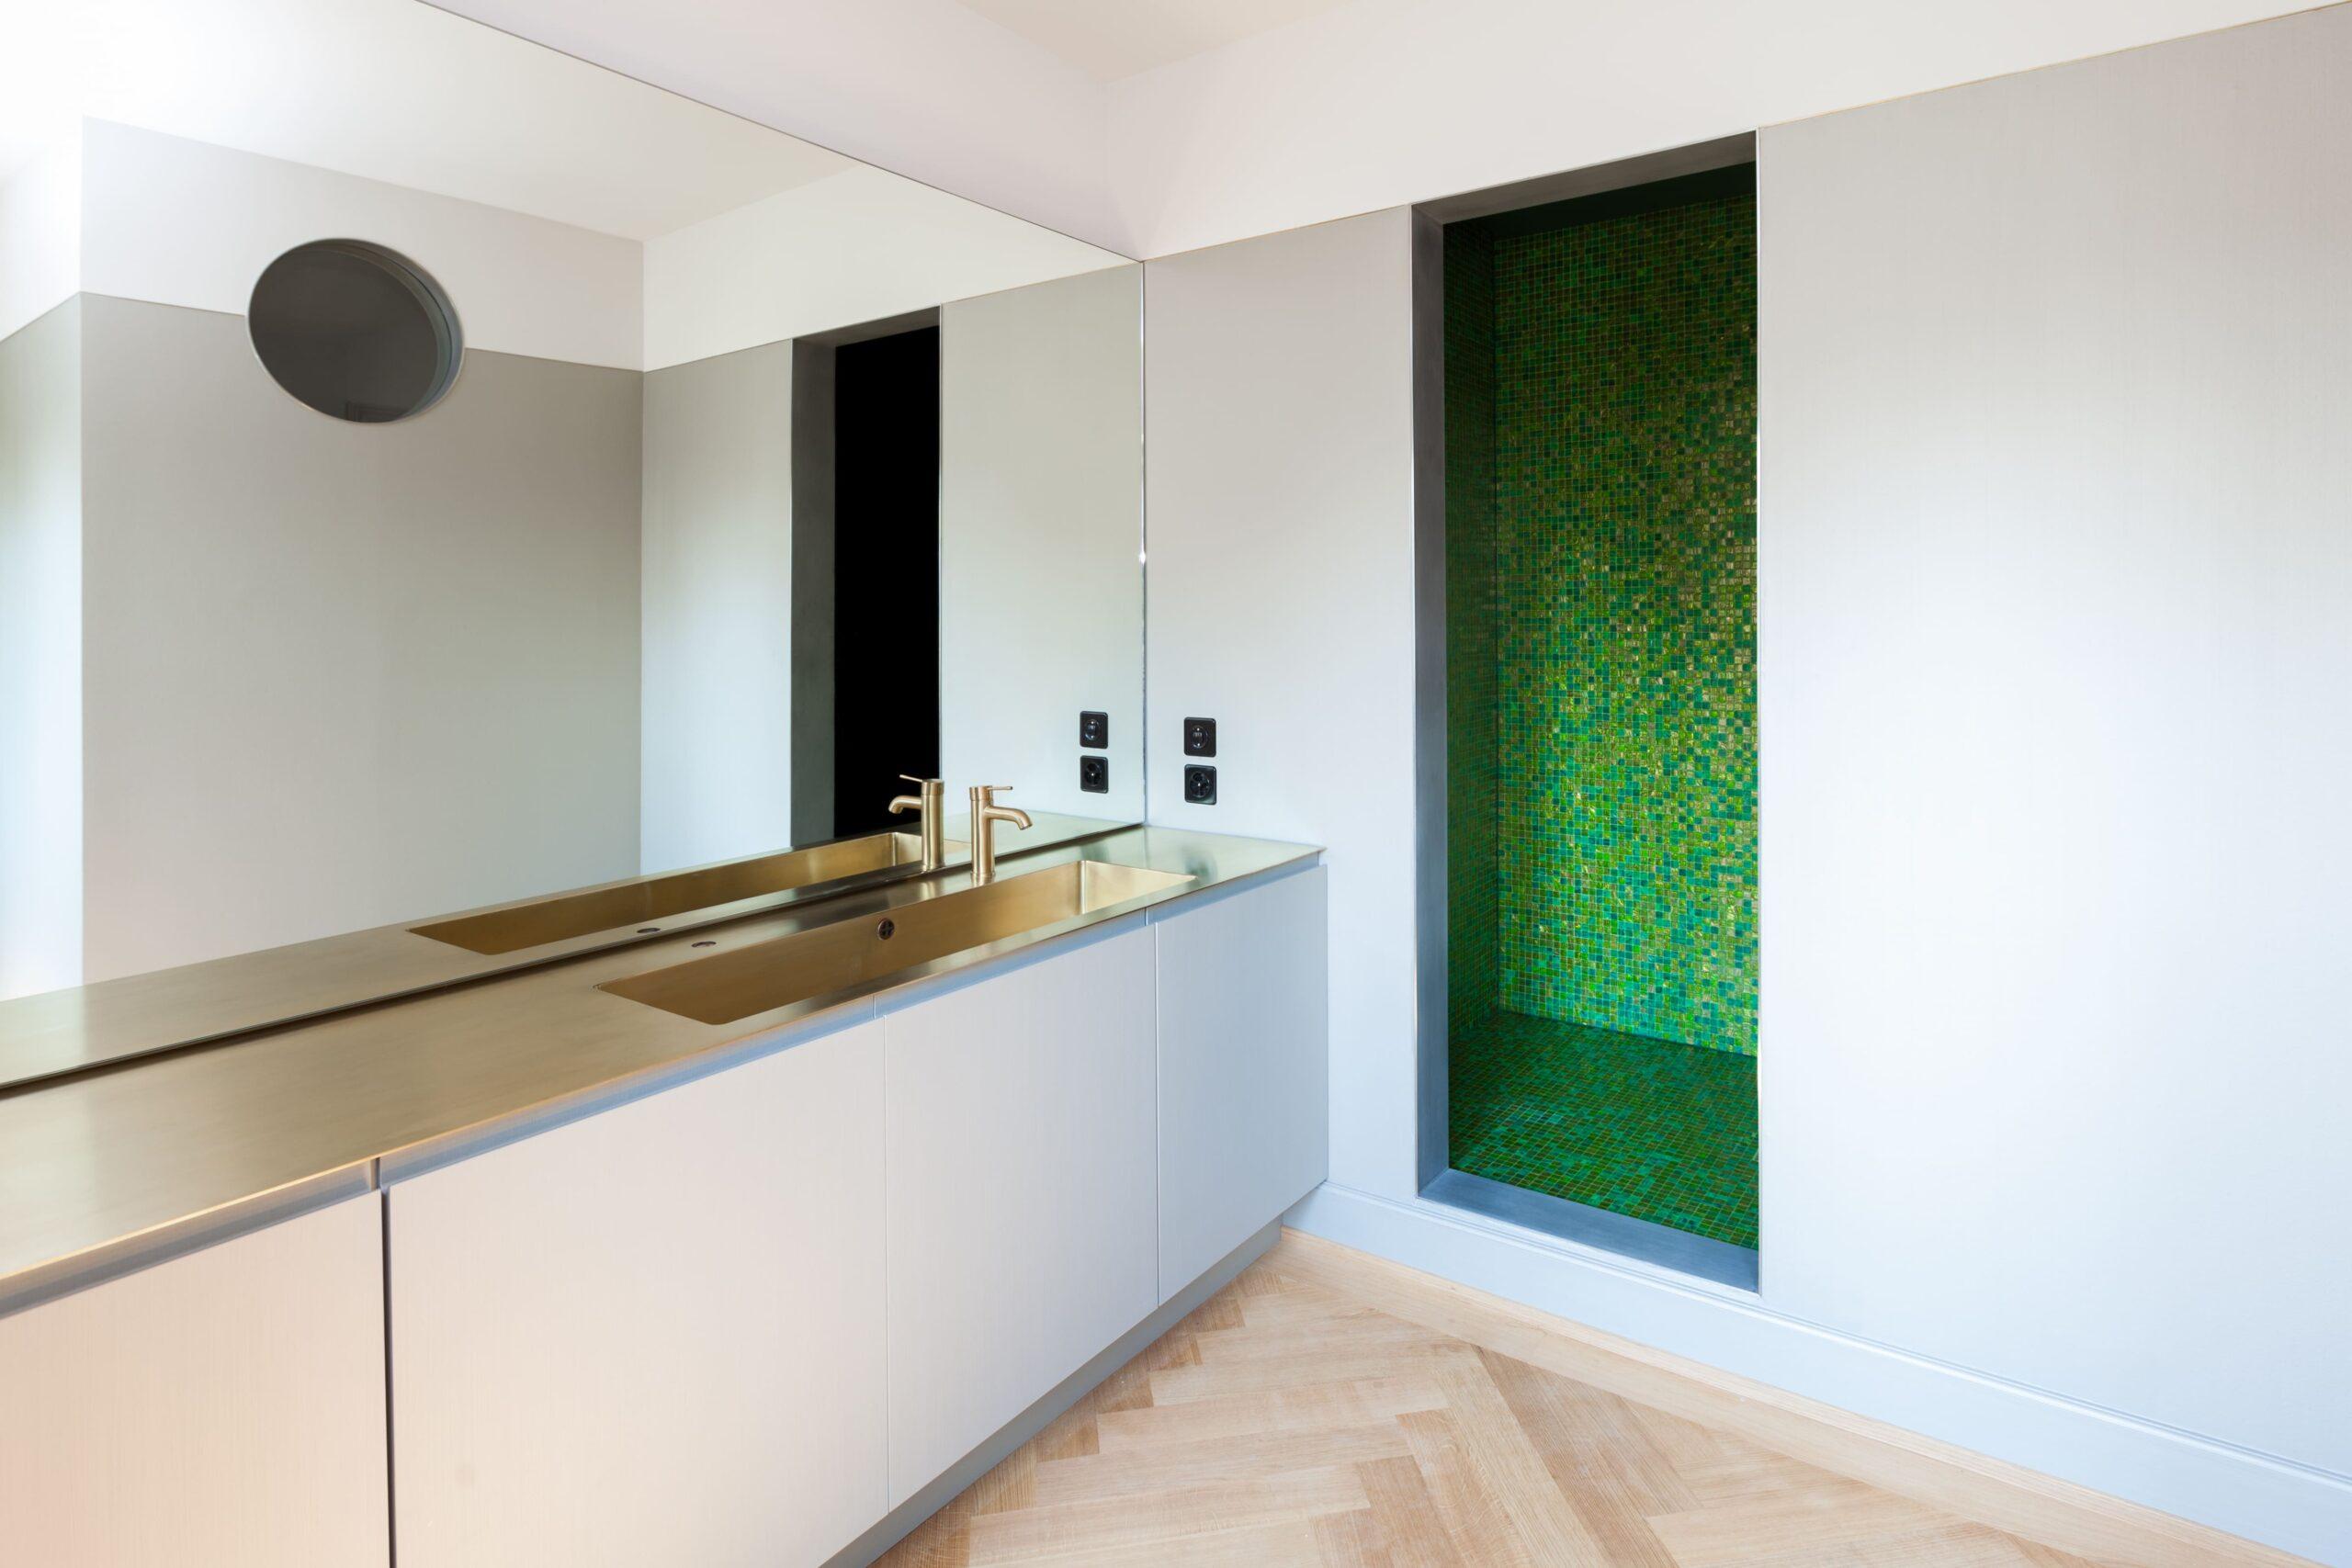 Ein Badezimmer mit großem Spiegel über dem Waschbecken